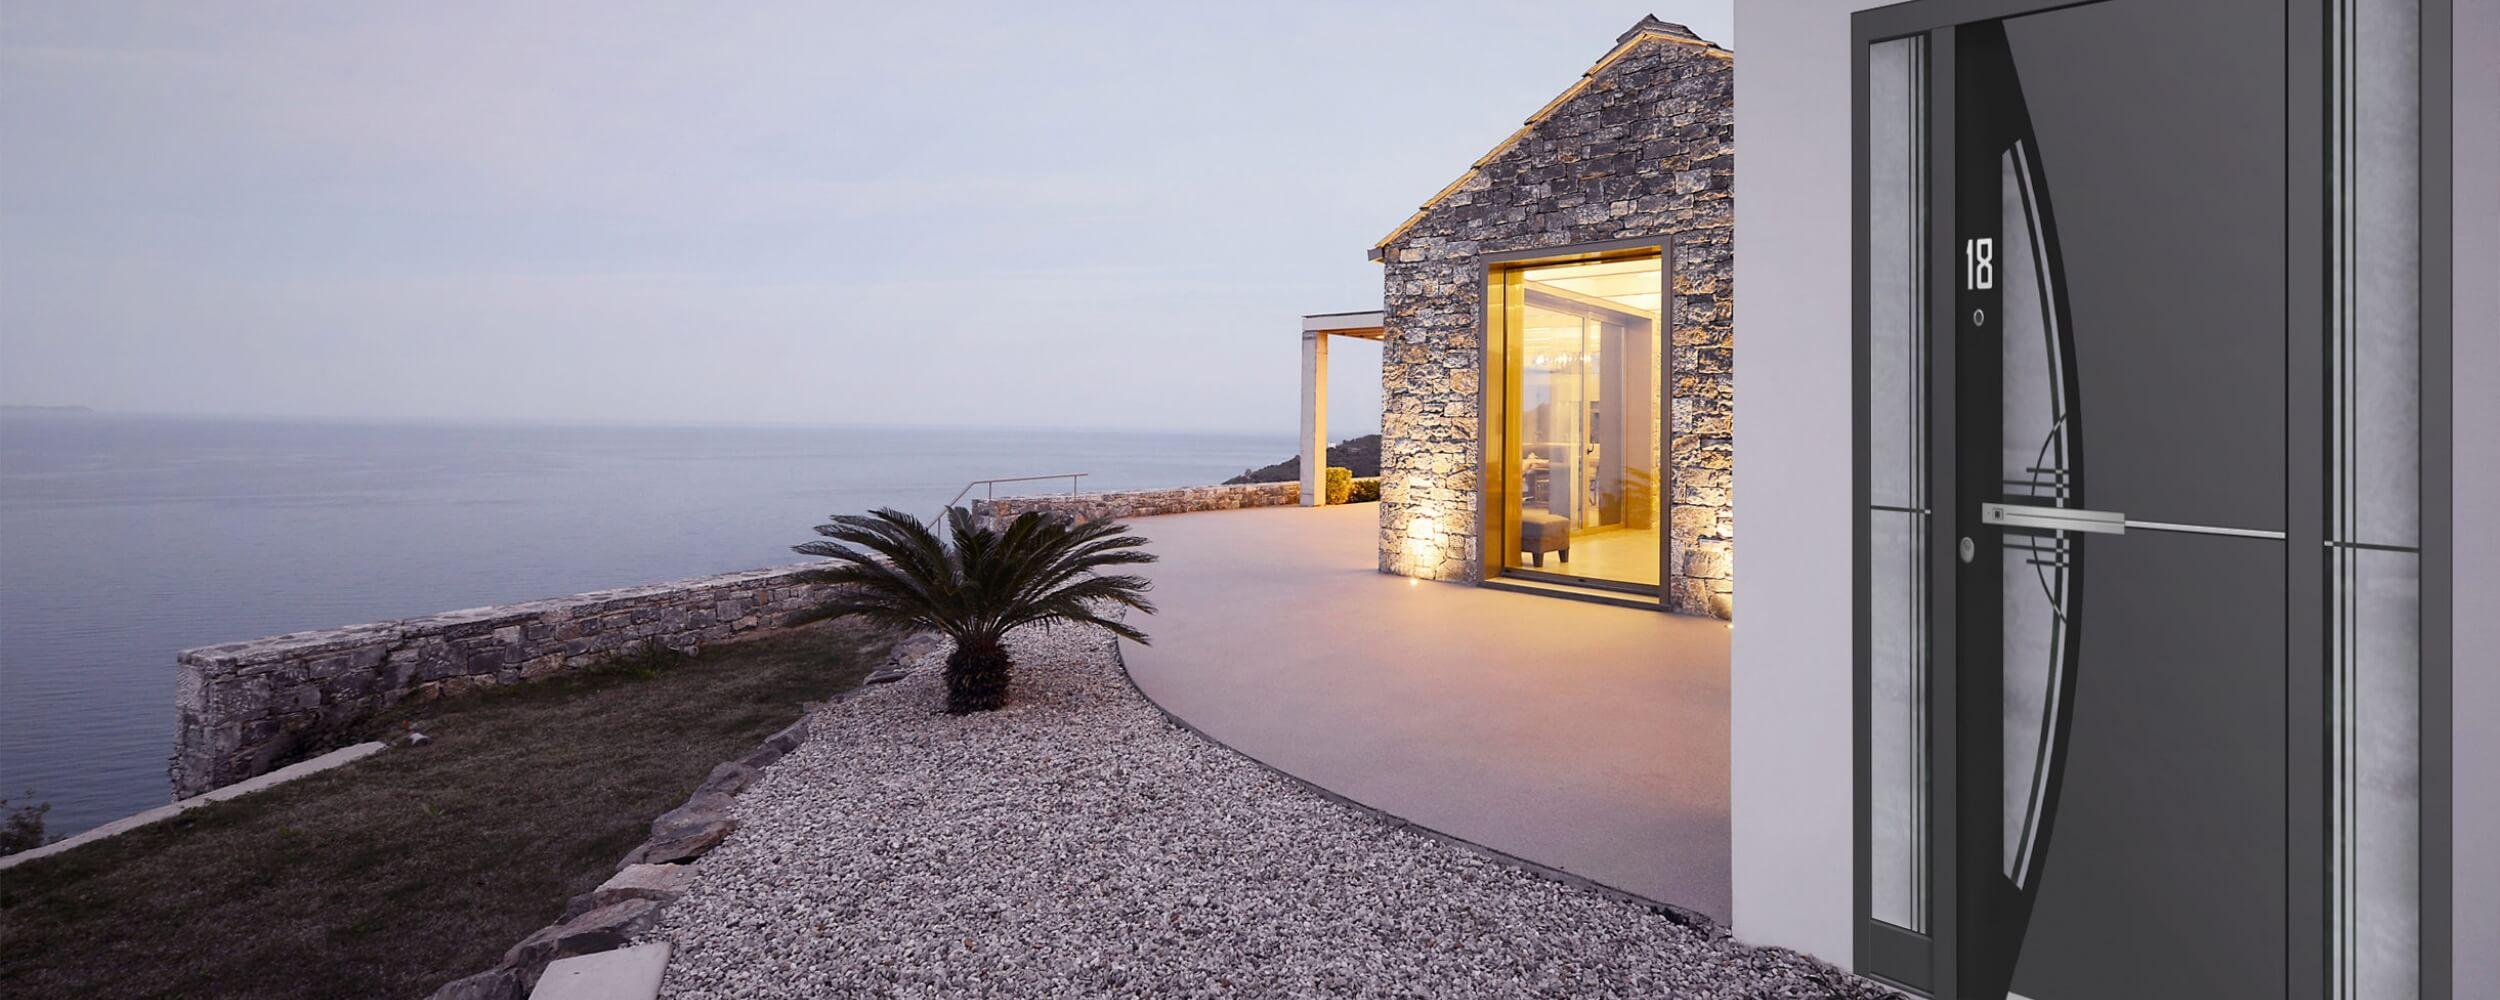 Front door and view of patio area overlooking sea